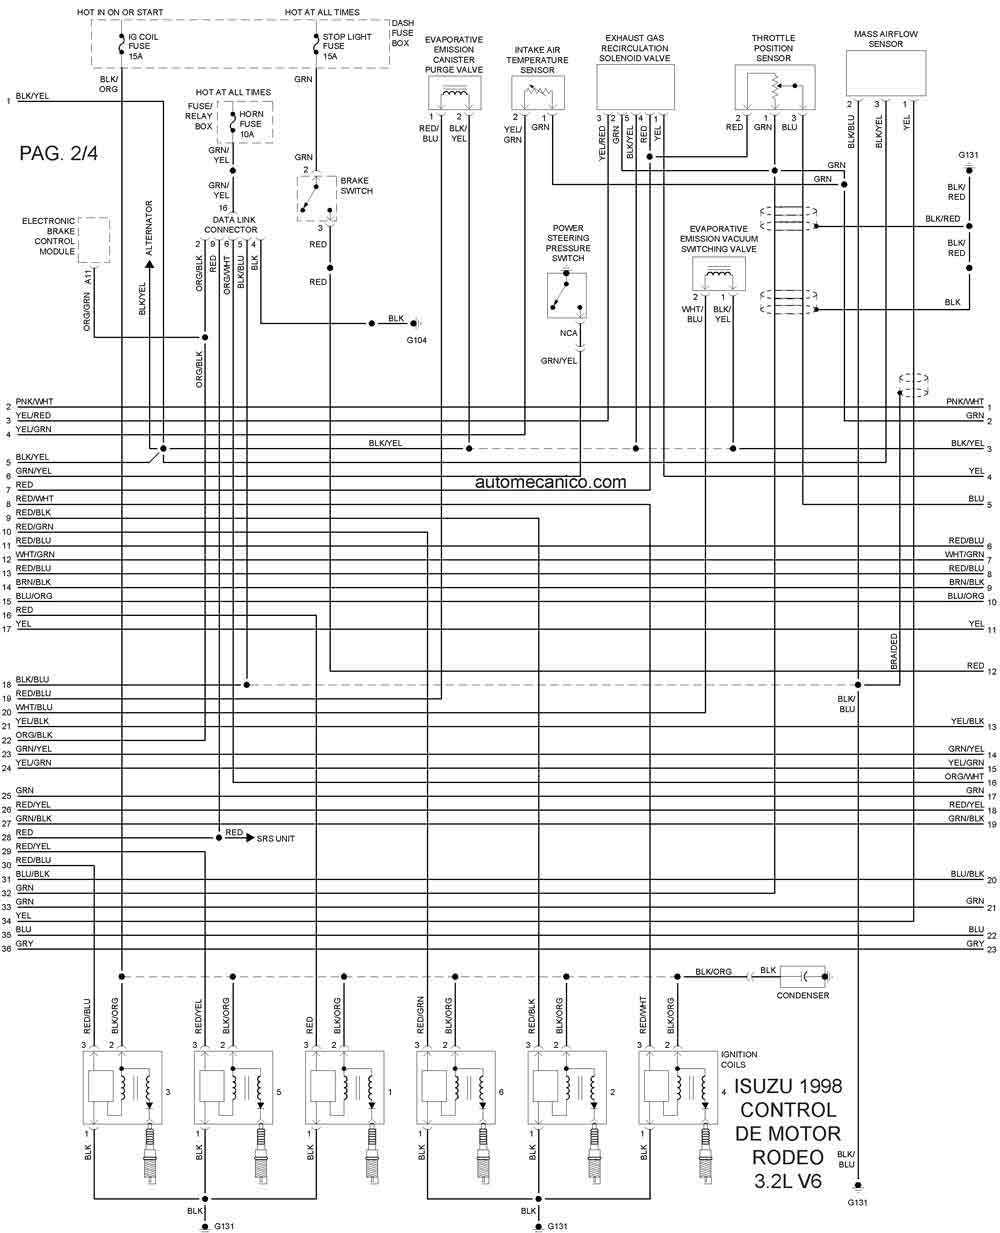 isuzu 1998 diagramas esquemas graphics vehiculos motores rh autoelectronico com